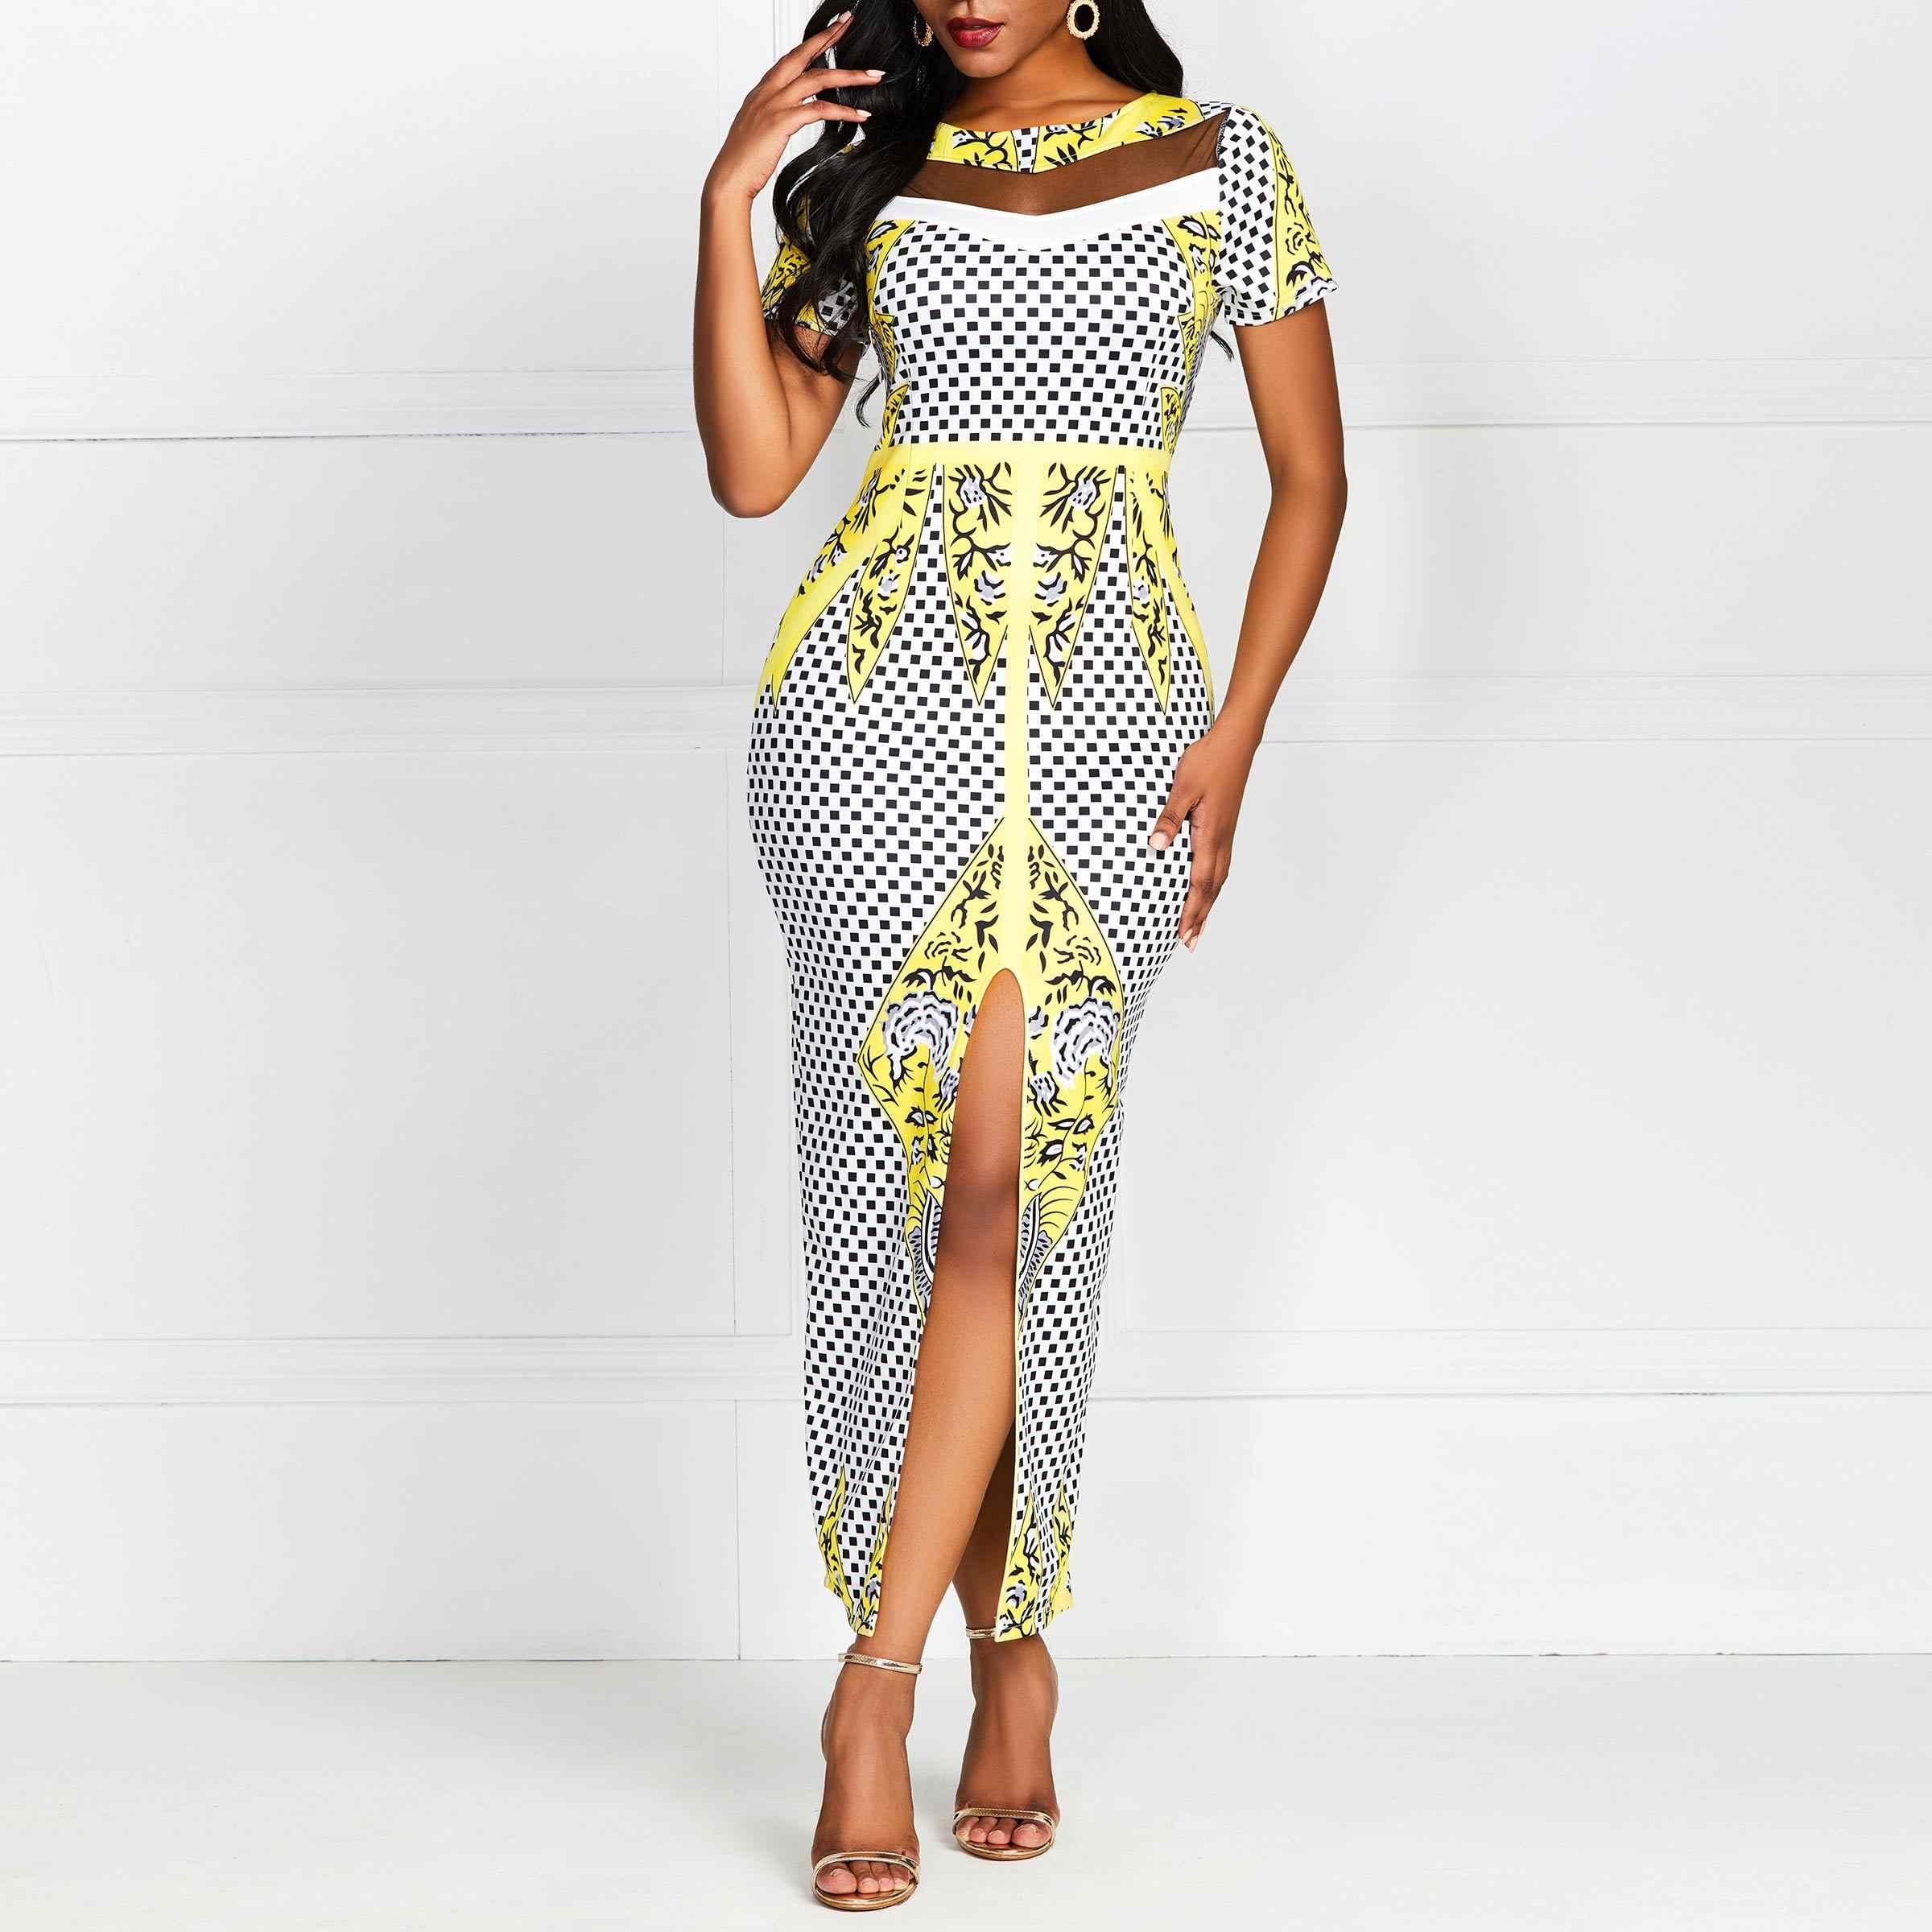 Женское летнее облегающее длинное платье, Сетчатое прозрачное, вечерние, сексуальные, Роскошные, желтые, с цветочным рисунком, в клетку, элегантные, с разрезом, макси платья для женщин